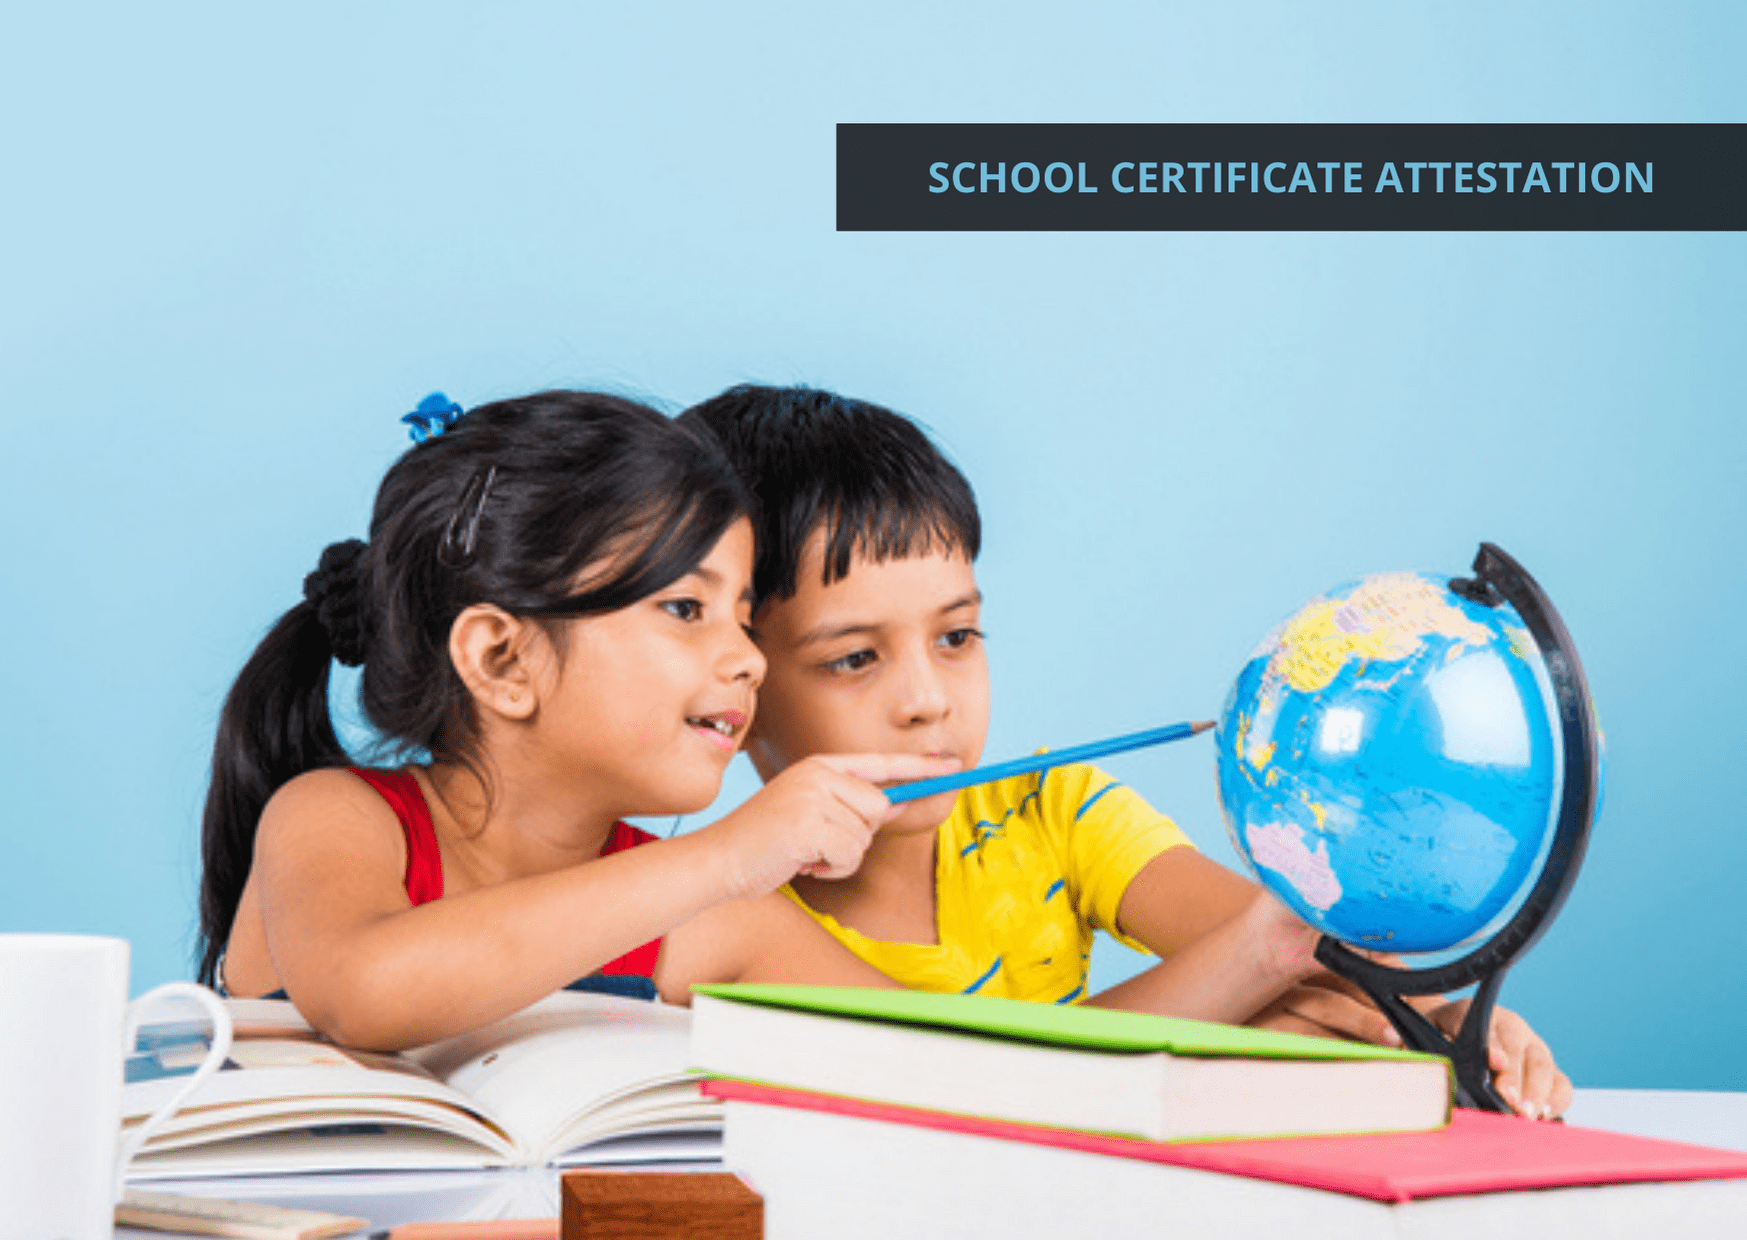 school certificate attestation